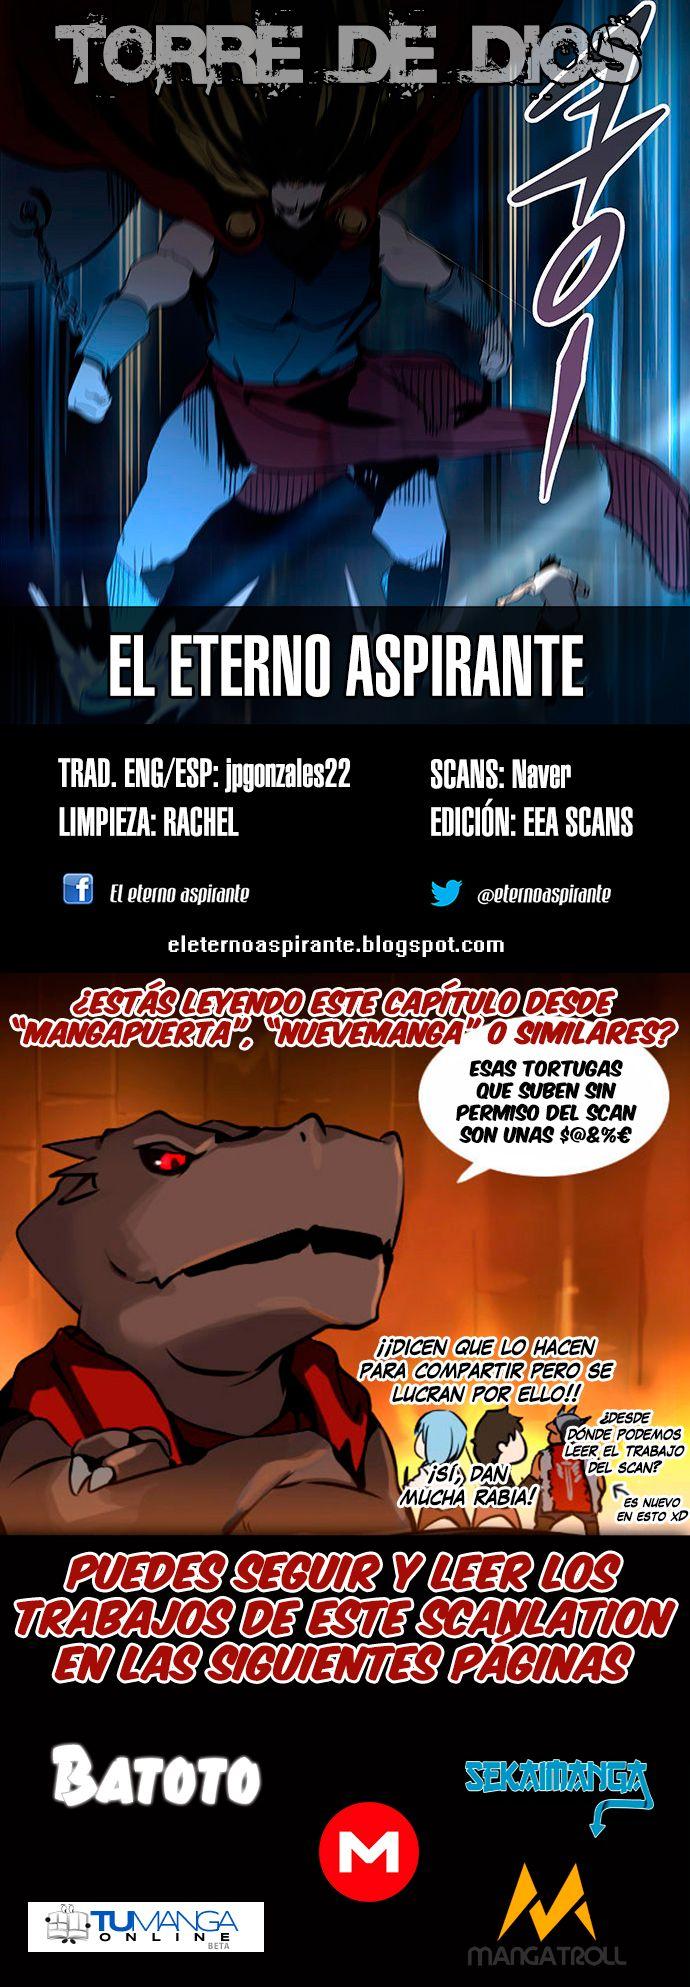 http://c5.ninemanga.com/es_manga/21/149/467427/ec6ef49b2cc158c65ca8109a030779eb.jpg Page 1